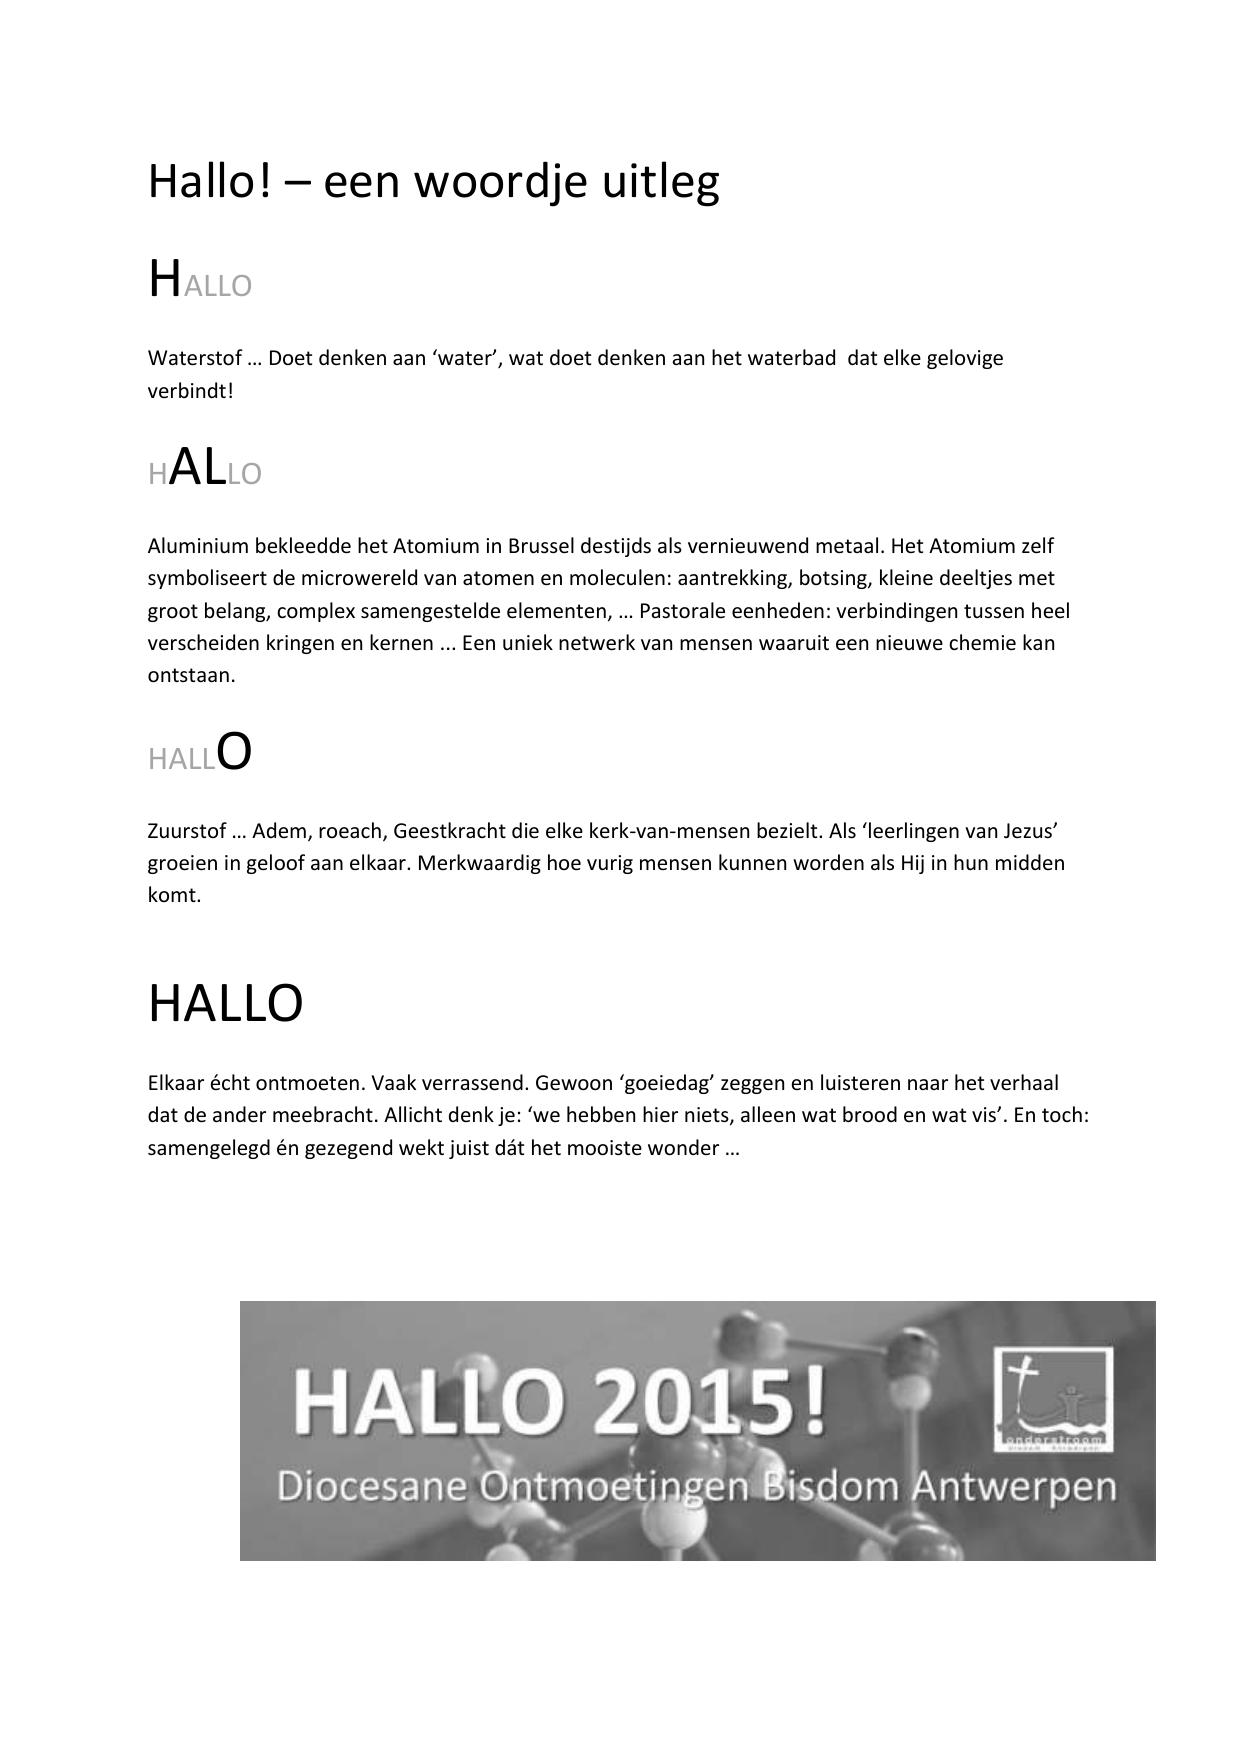 Hallo2015 Een Woordje Uitleg